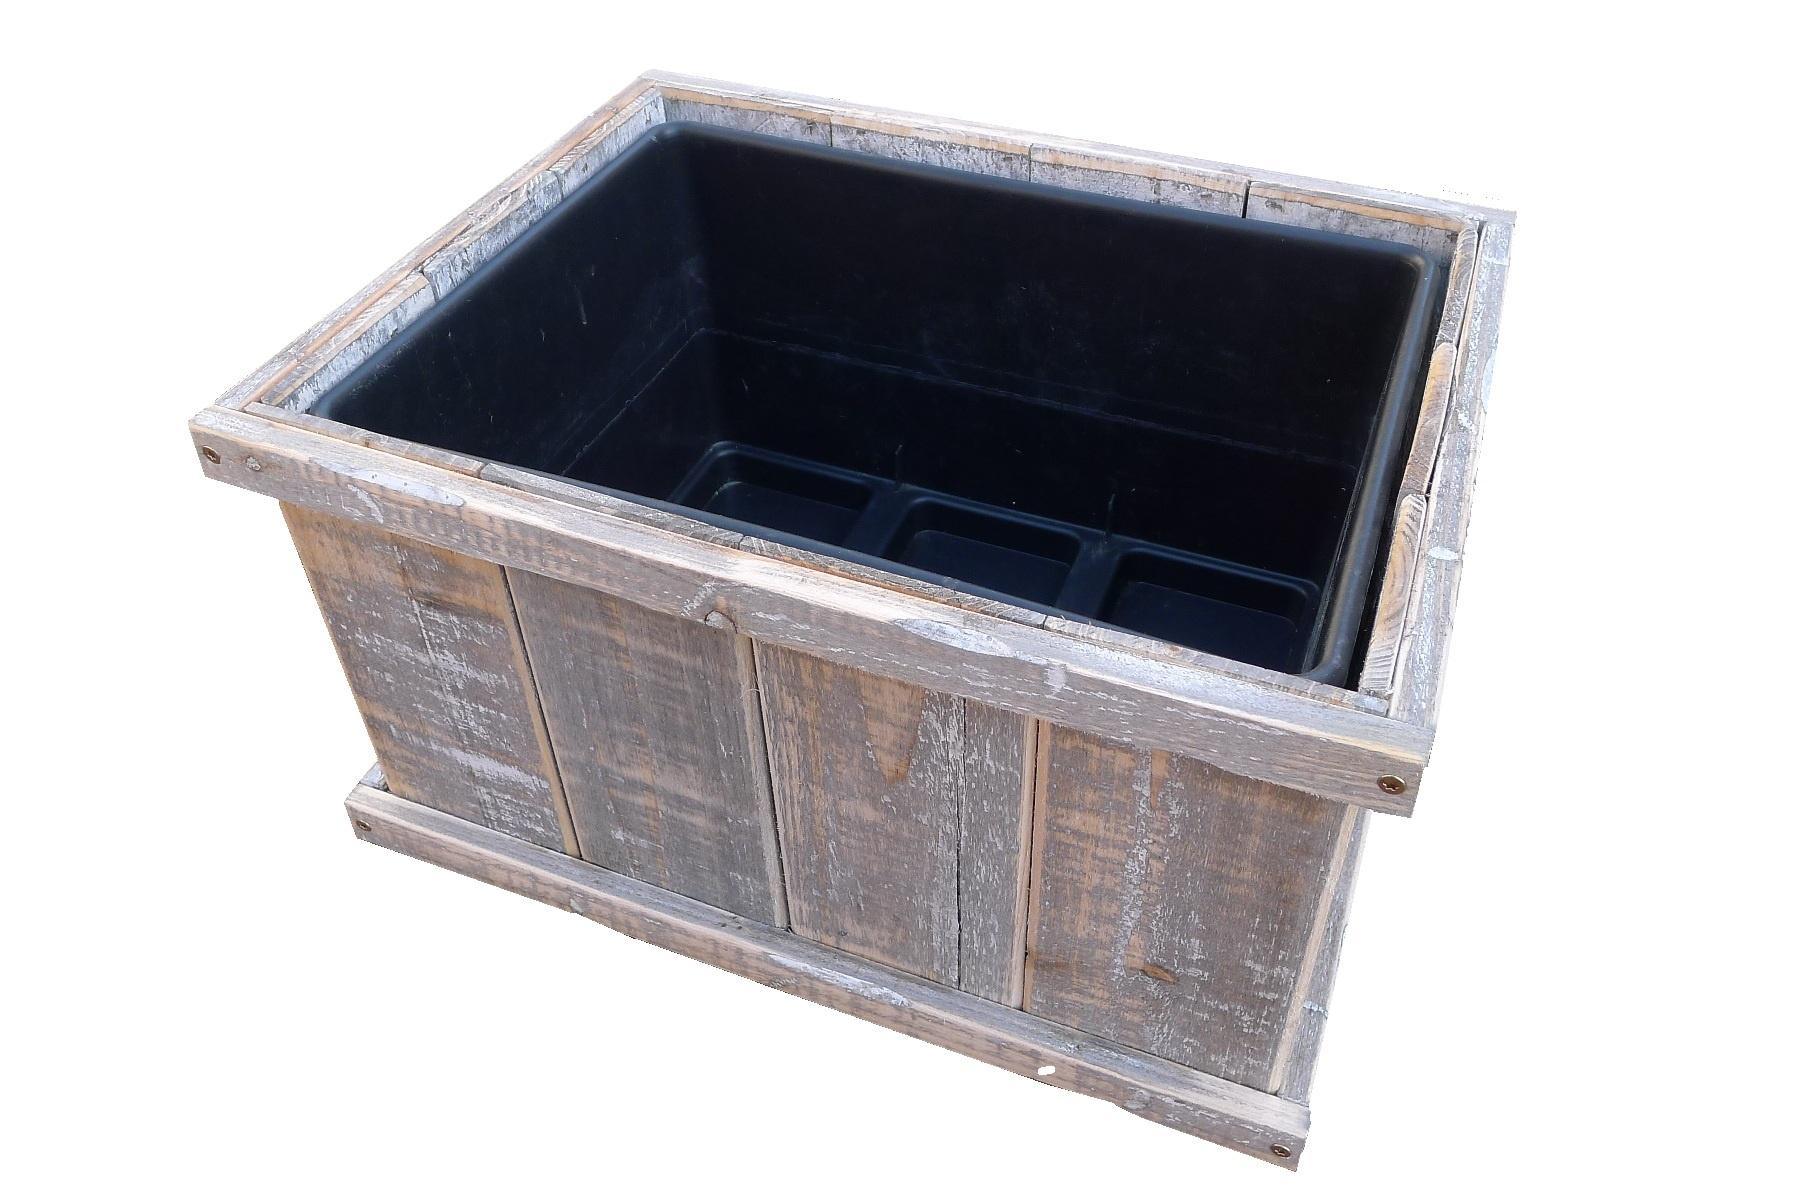 shop int  plastic  moer crate-6